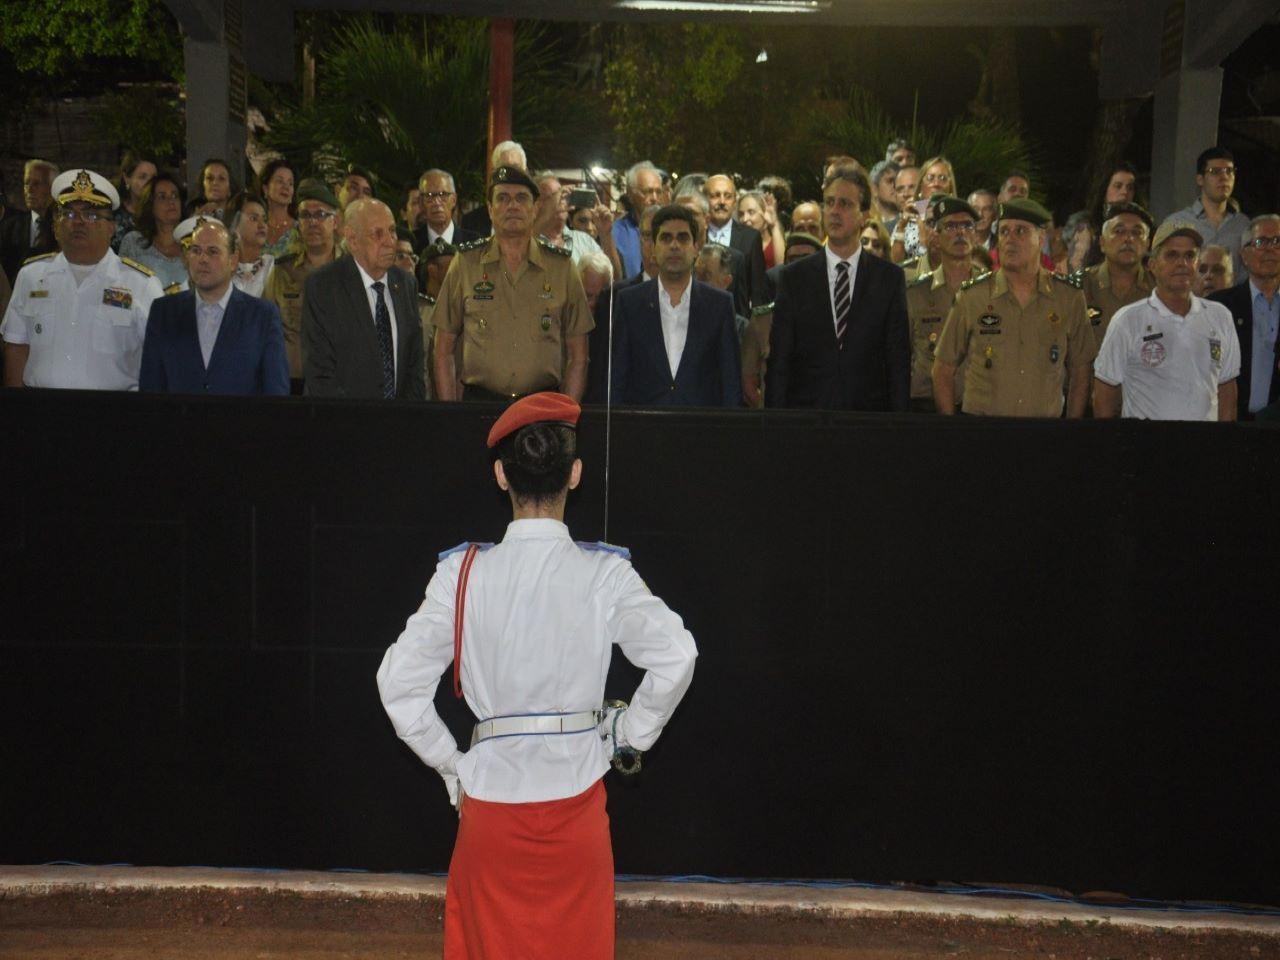 Colégio Militar de Fortaleza: 100 anos de educação de qualidade, pautada nos valores do Exército Brasileiro